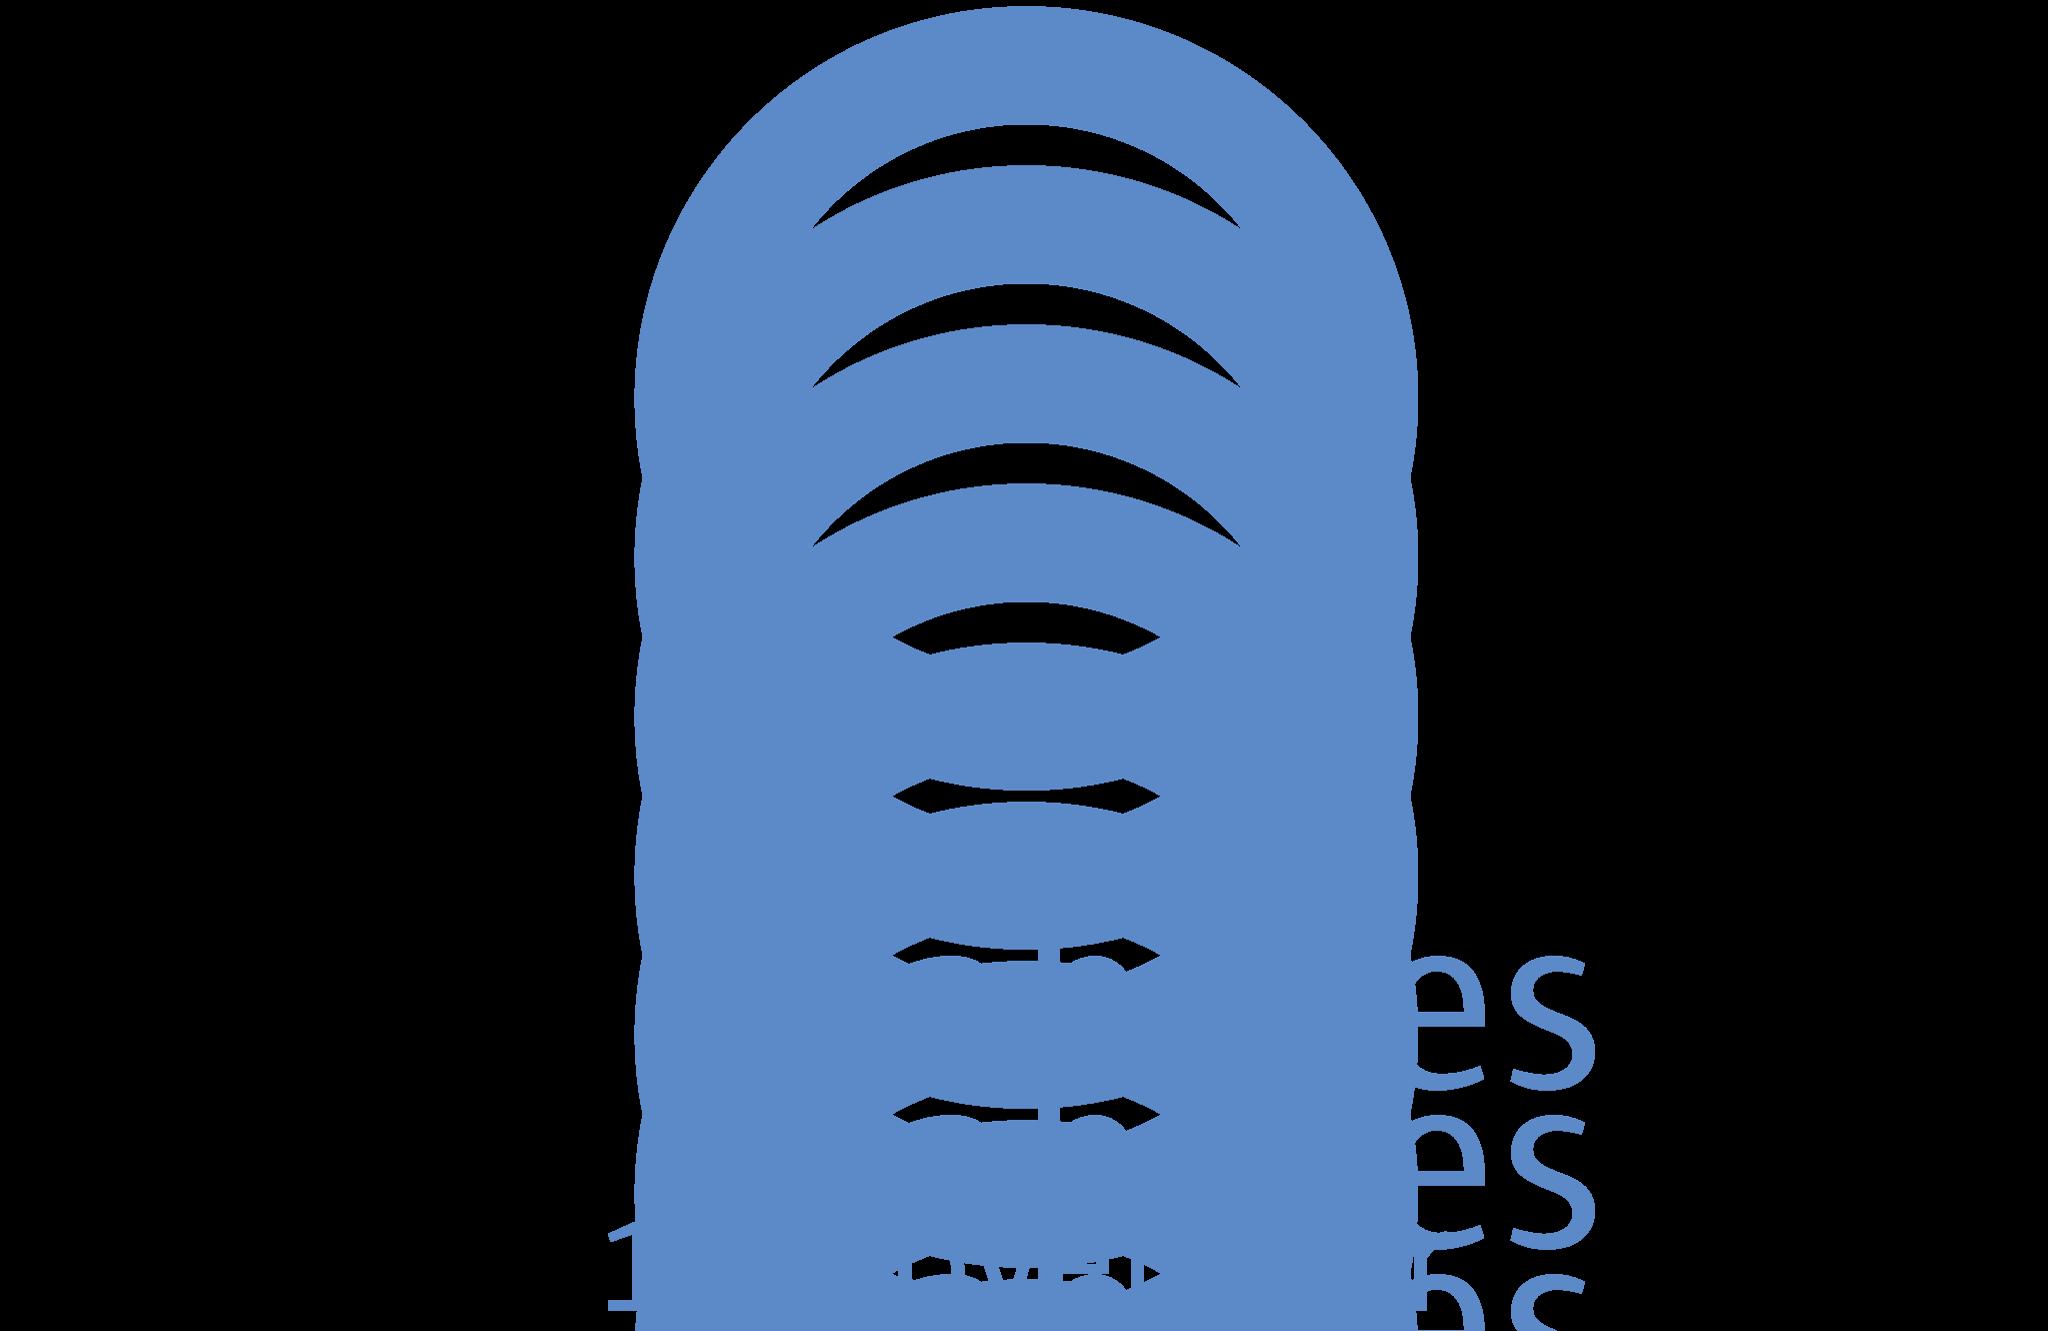 Открытка 14 ноября — всемирный день борьбы с диабетом